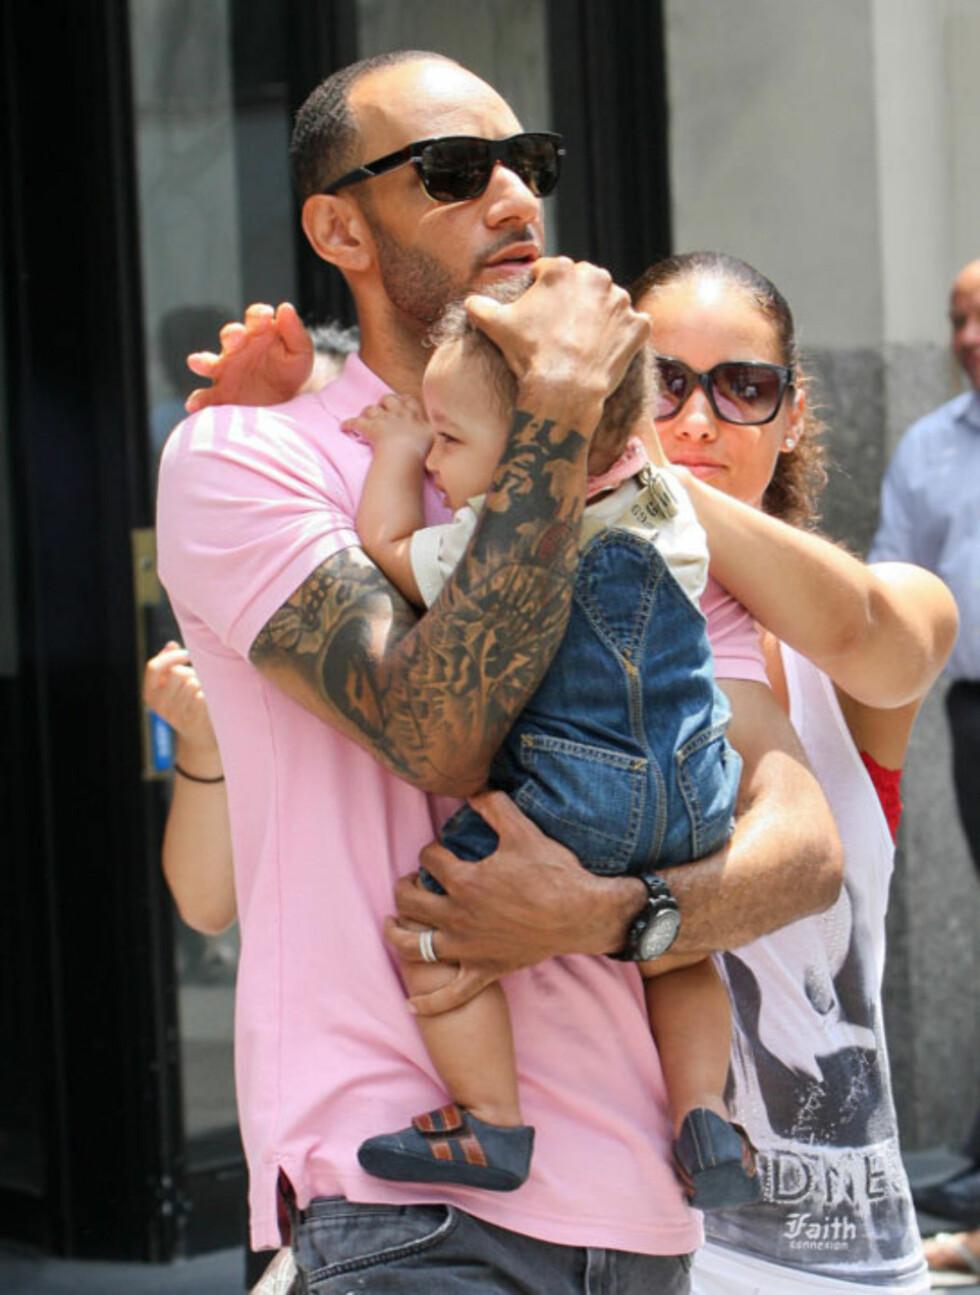 PASSER PÅ: Alicia Keys og Swizz Beatz sørget for å verne godt om lille Egypt da de lot paparazziene fotografere ham for første gang, i New York denne uken.  Foto: All Over Press